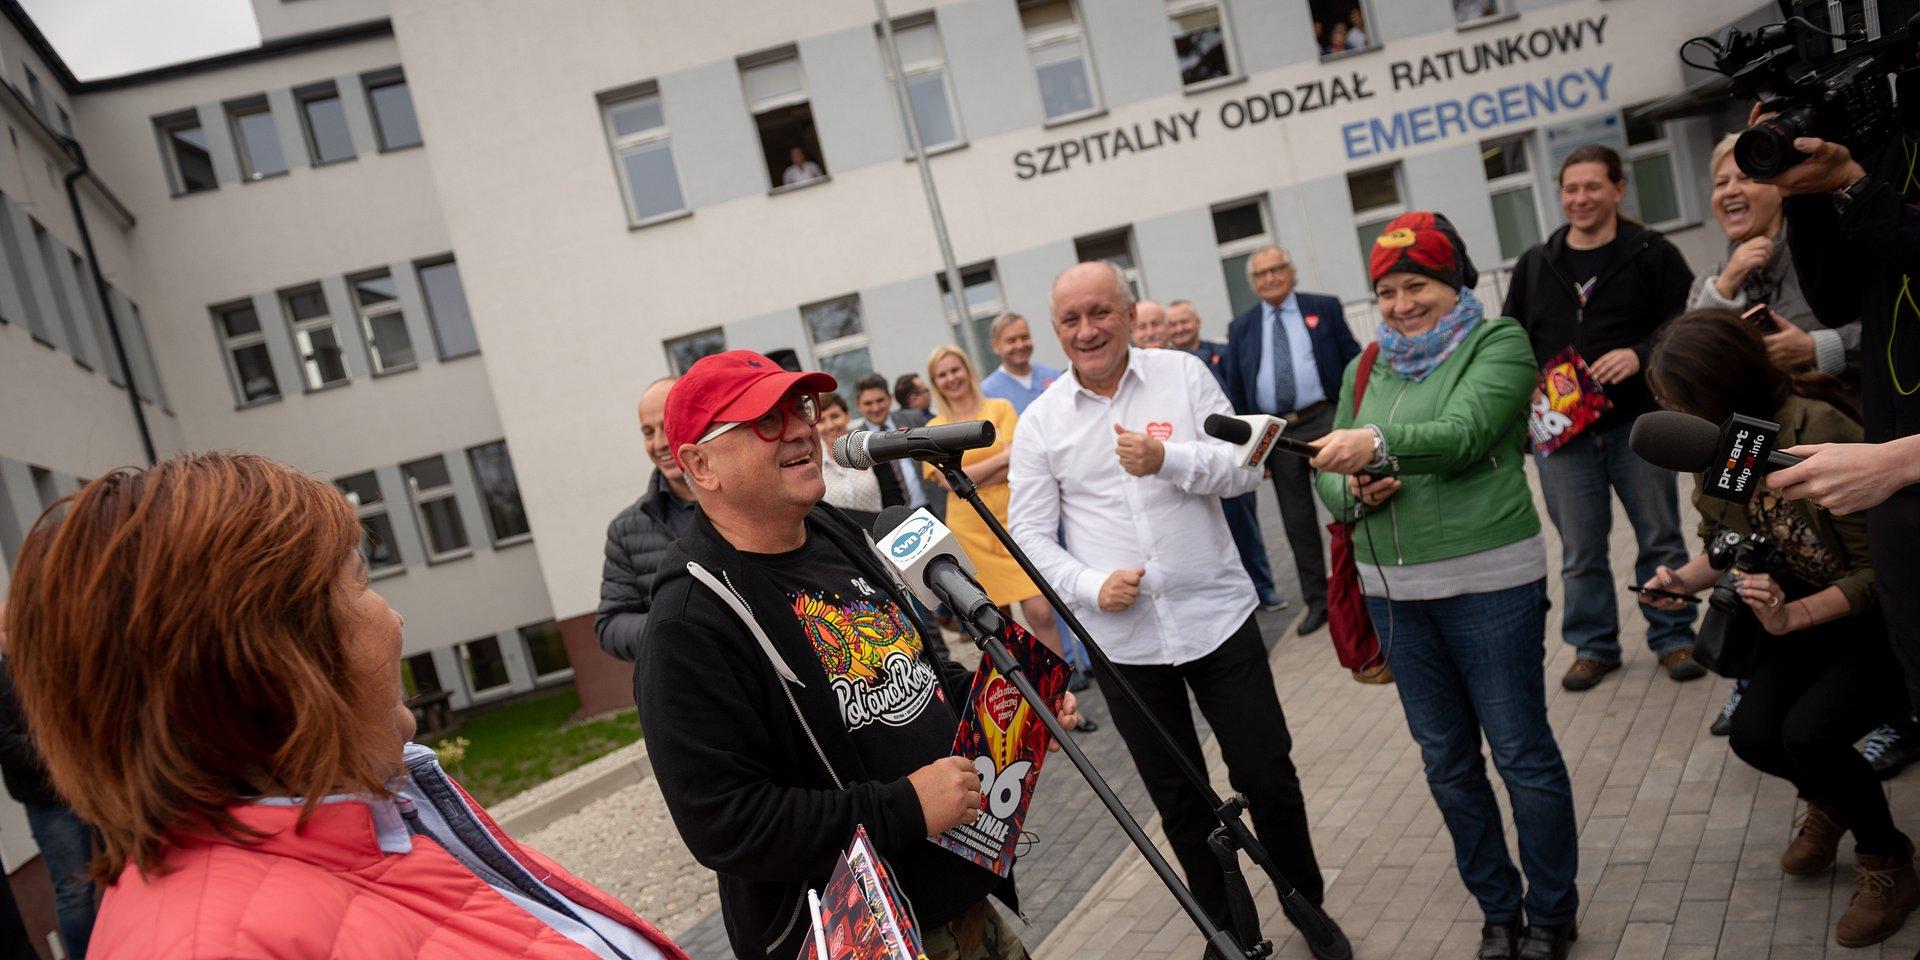 Przekazanie sprzętu w Ostrowie Wielkopolskim i Katowicach - zaproszenie